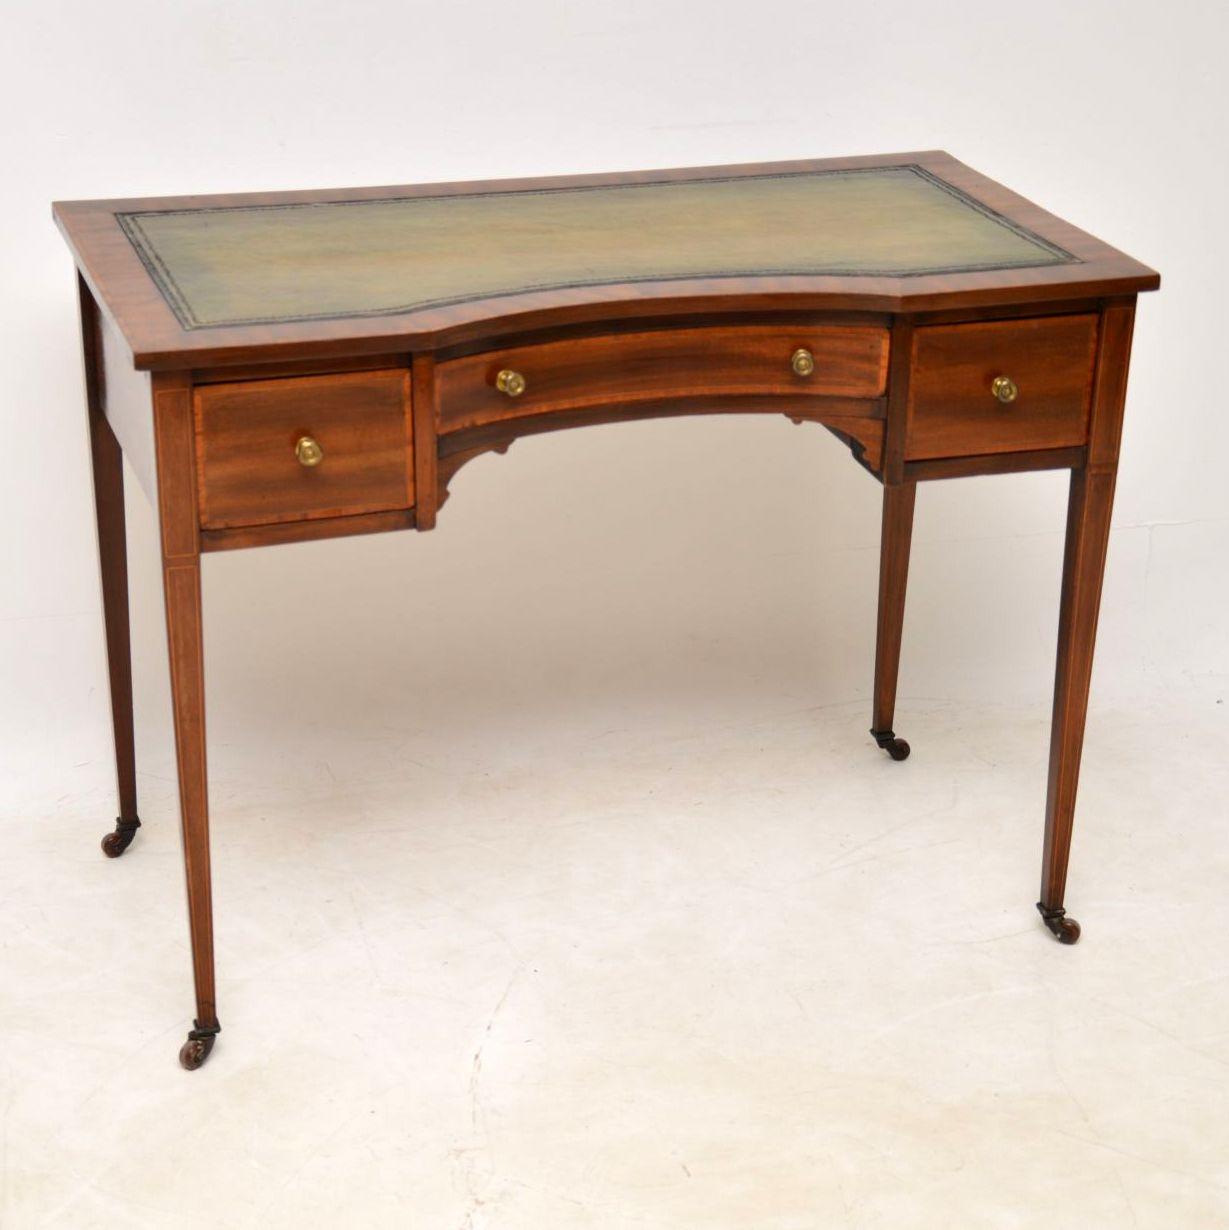 Antique Edwardian Inlaid Mahogany Writing Table / Desk